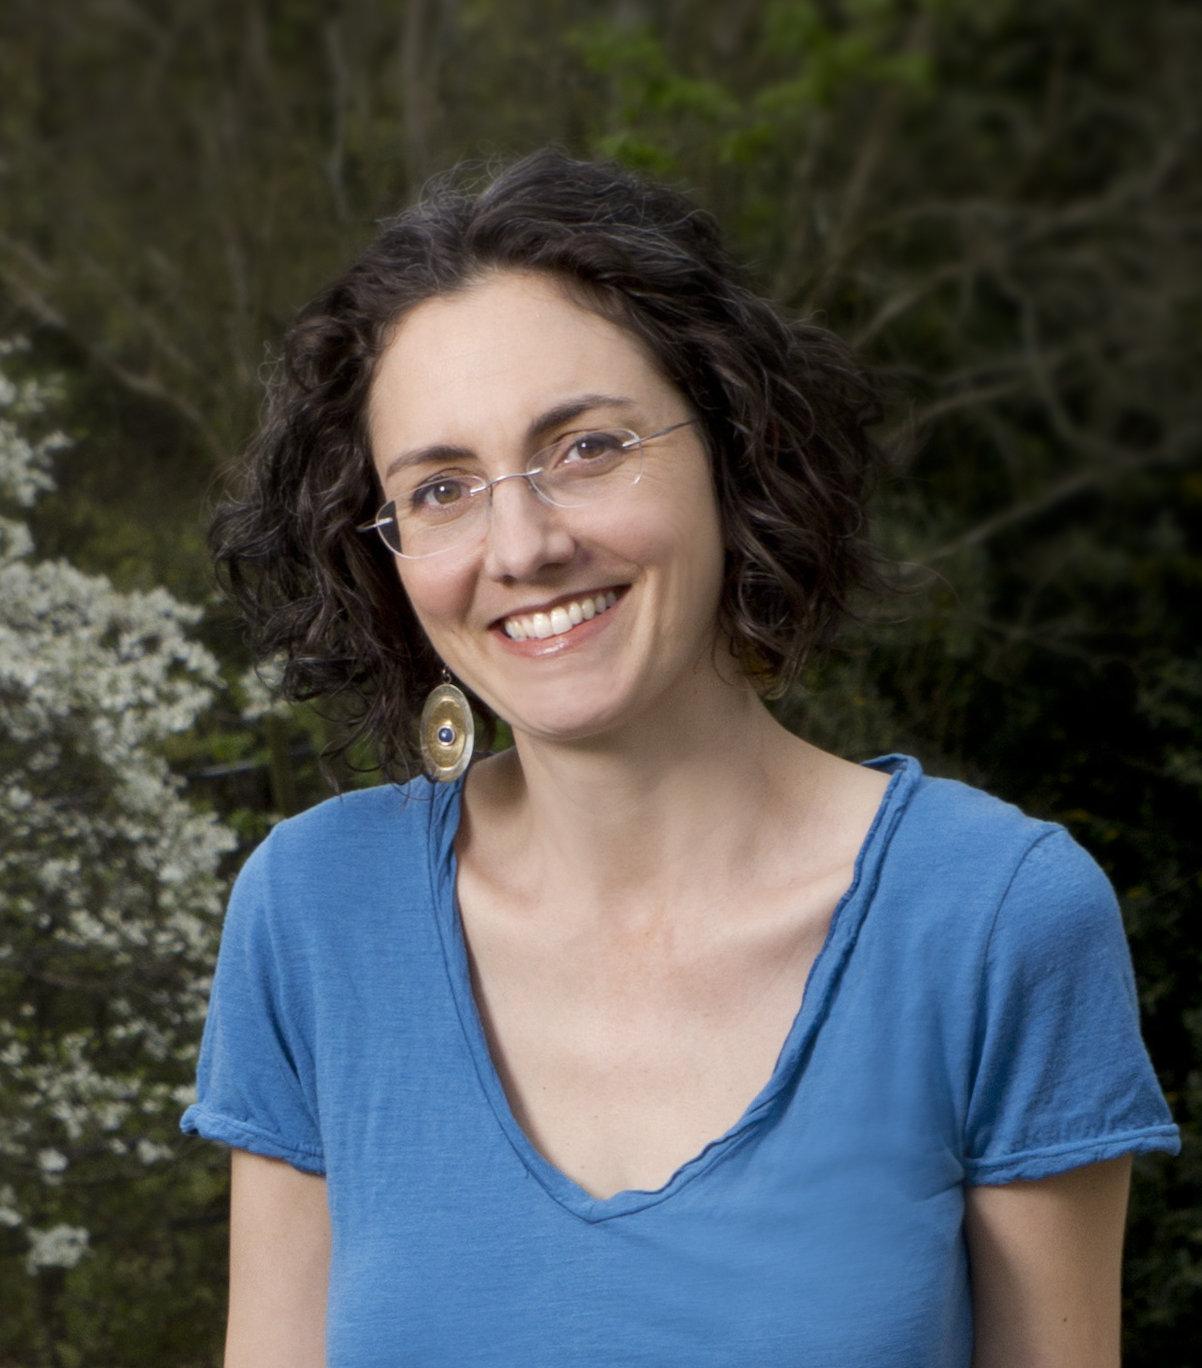 Molly Hemstreet